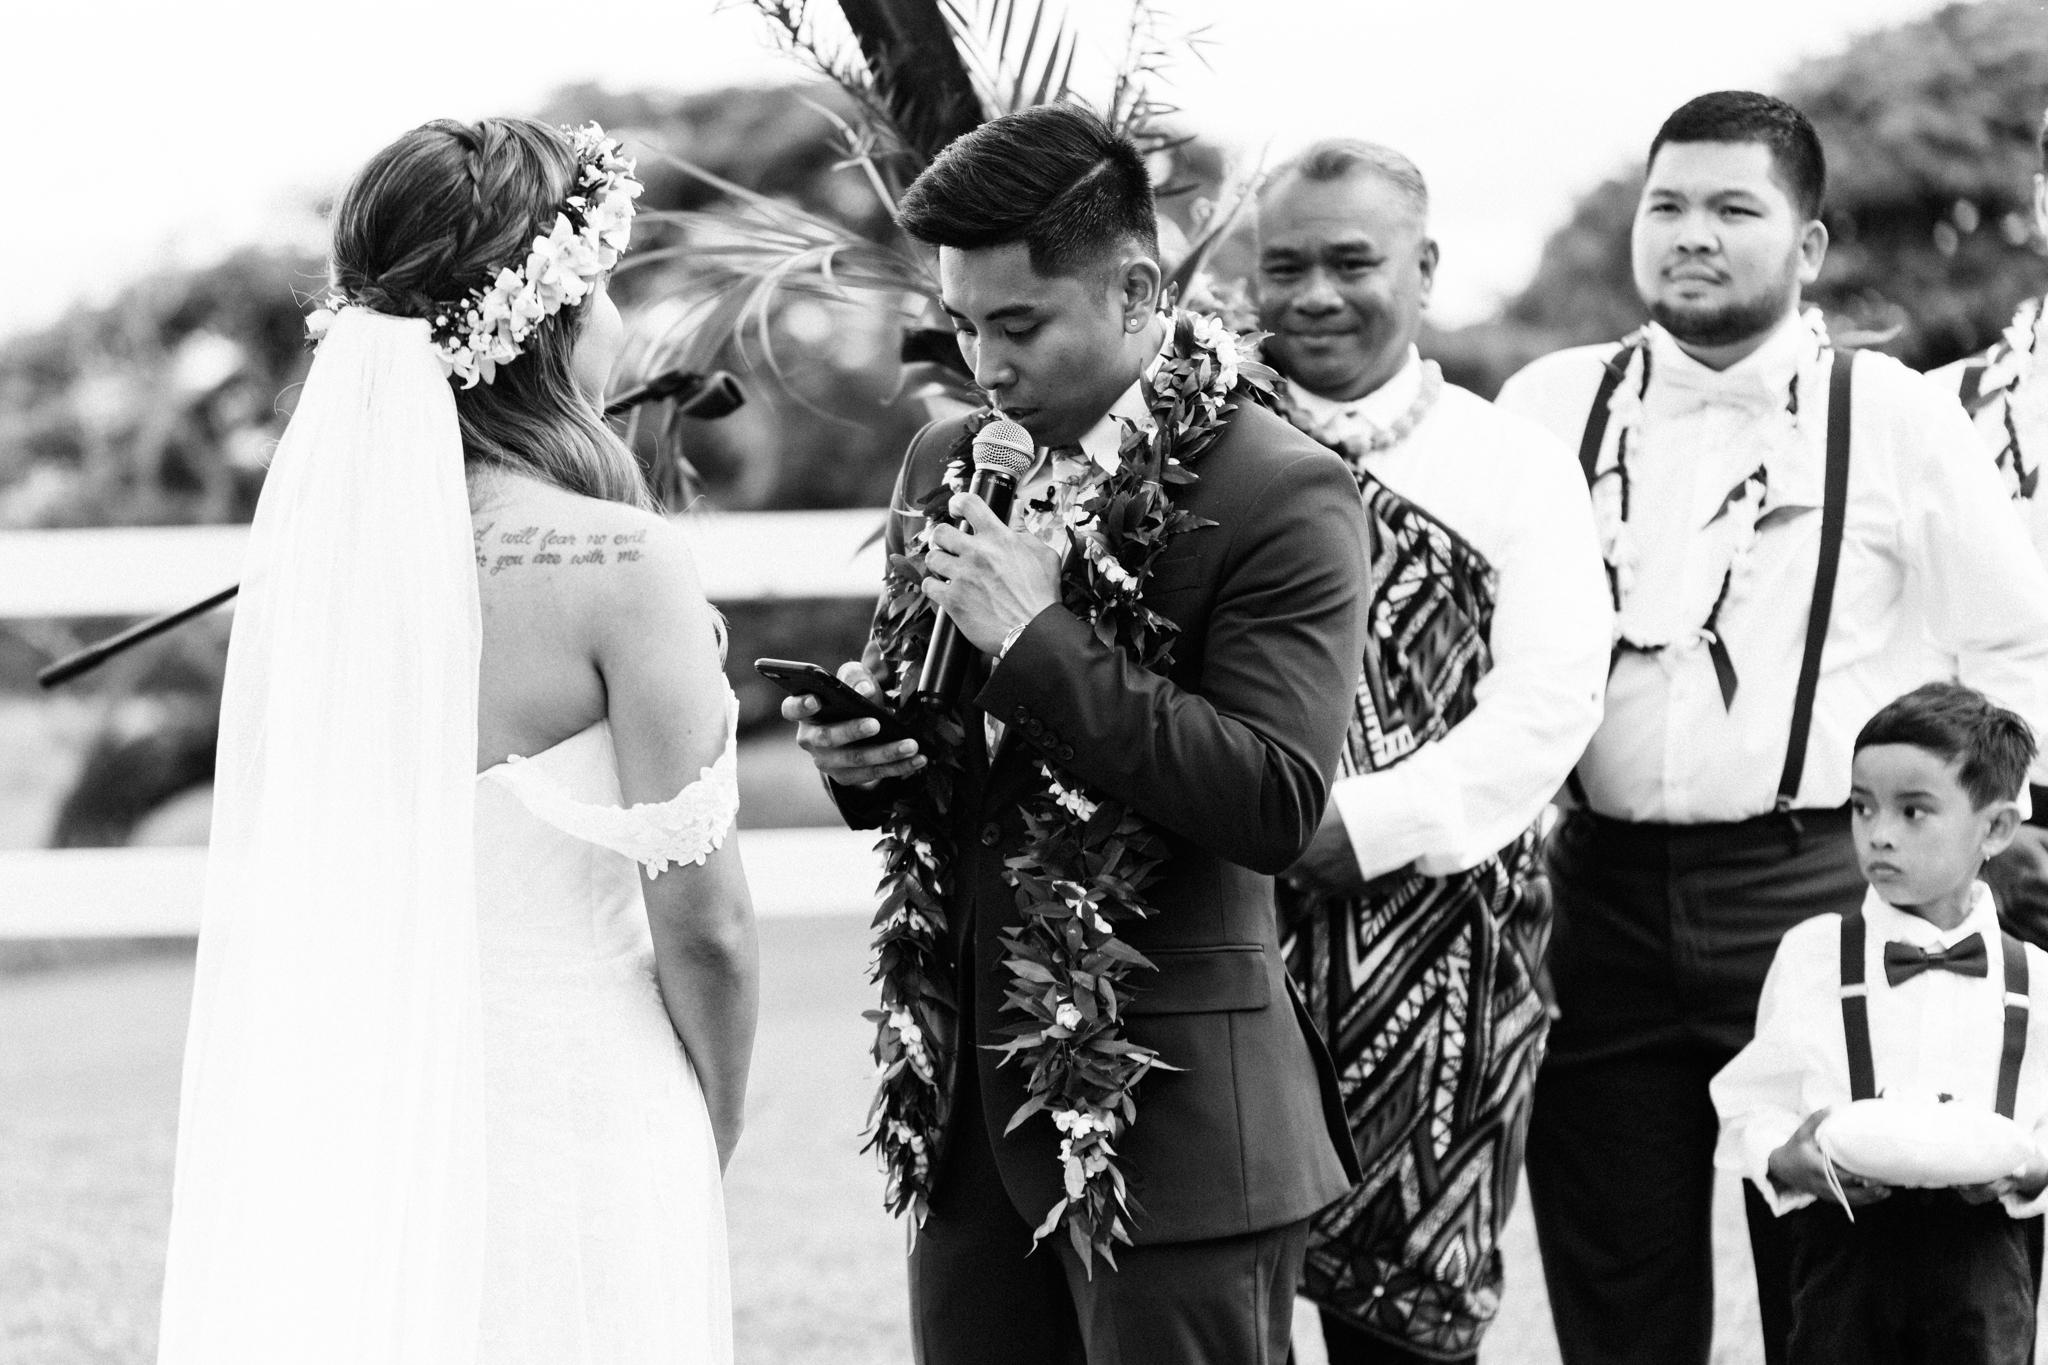 kualoa_ranch_wedding_photography_tone_hawaii-60.jpg